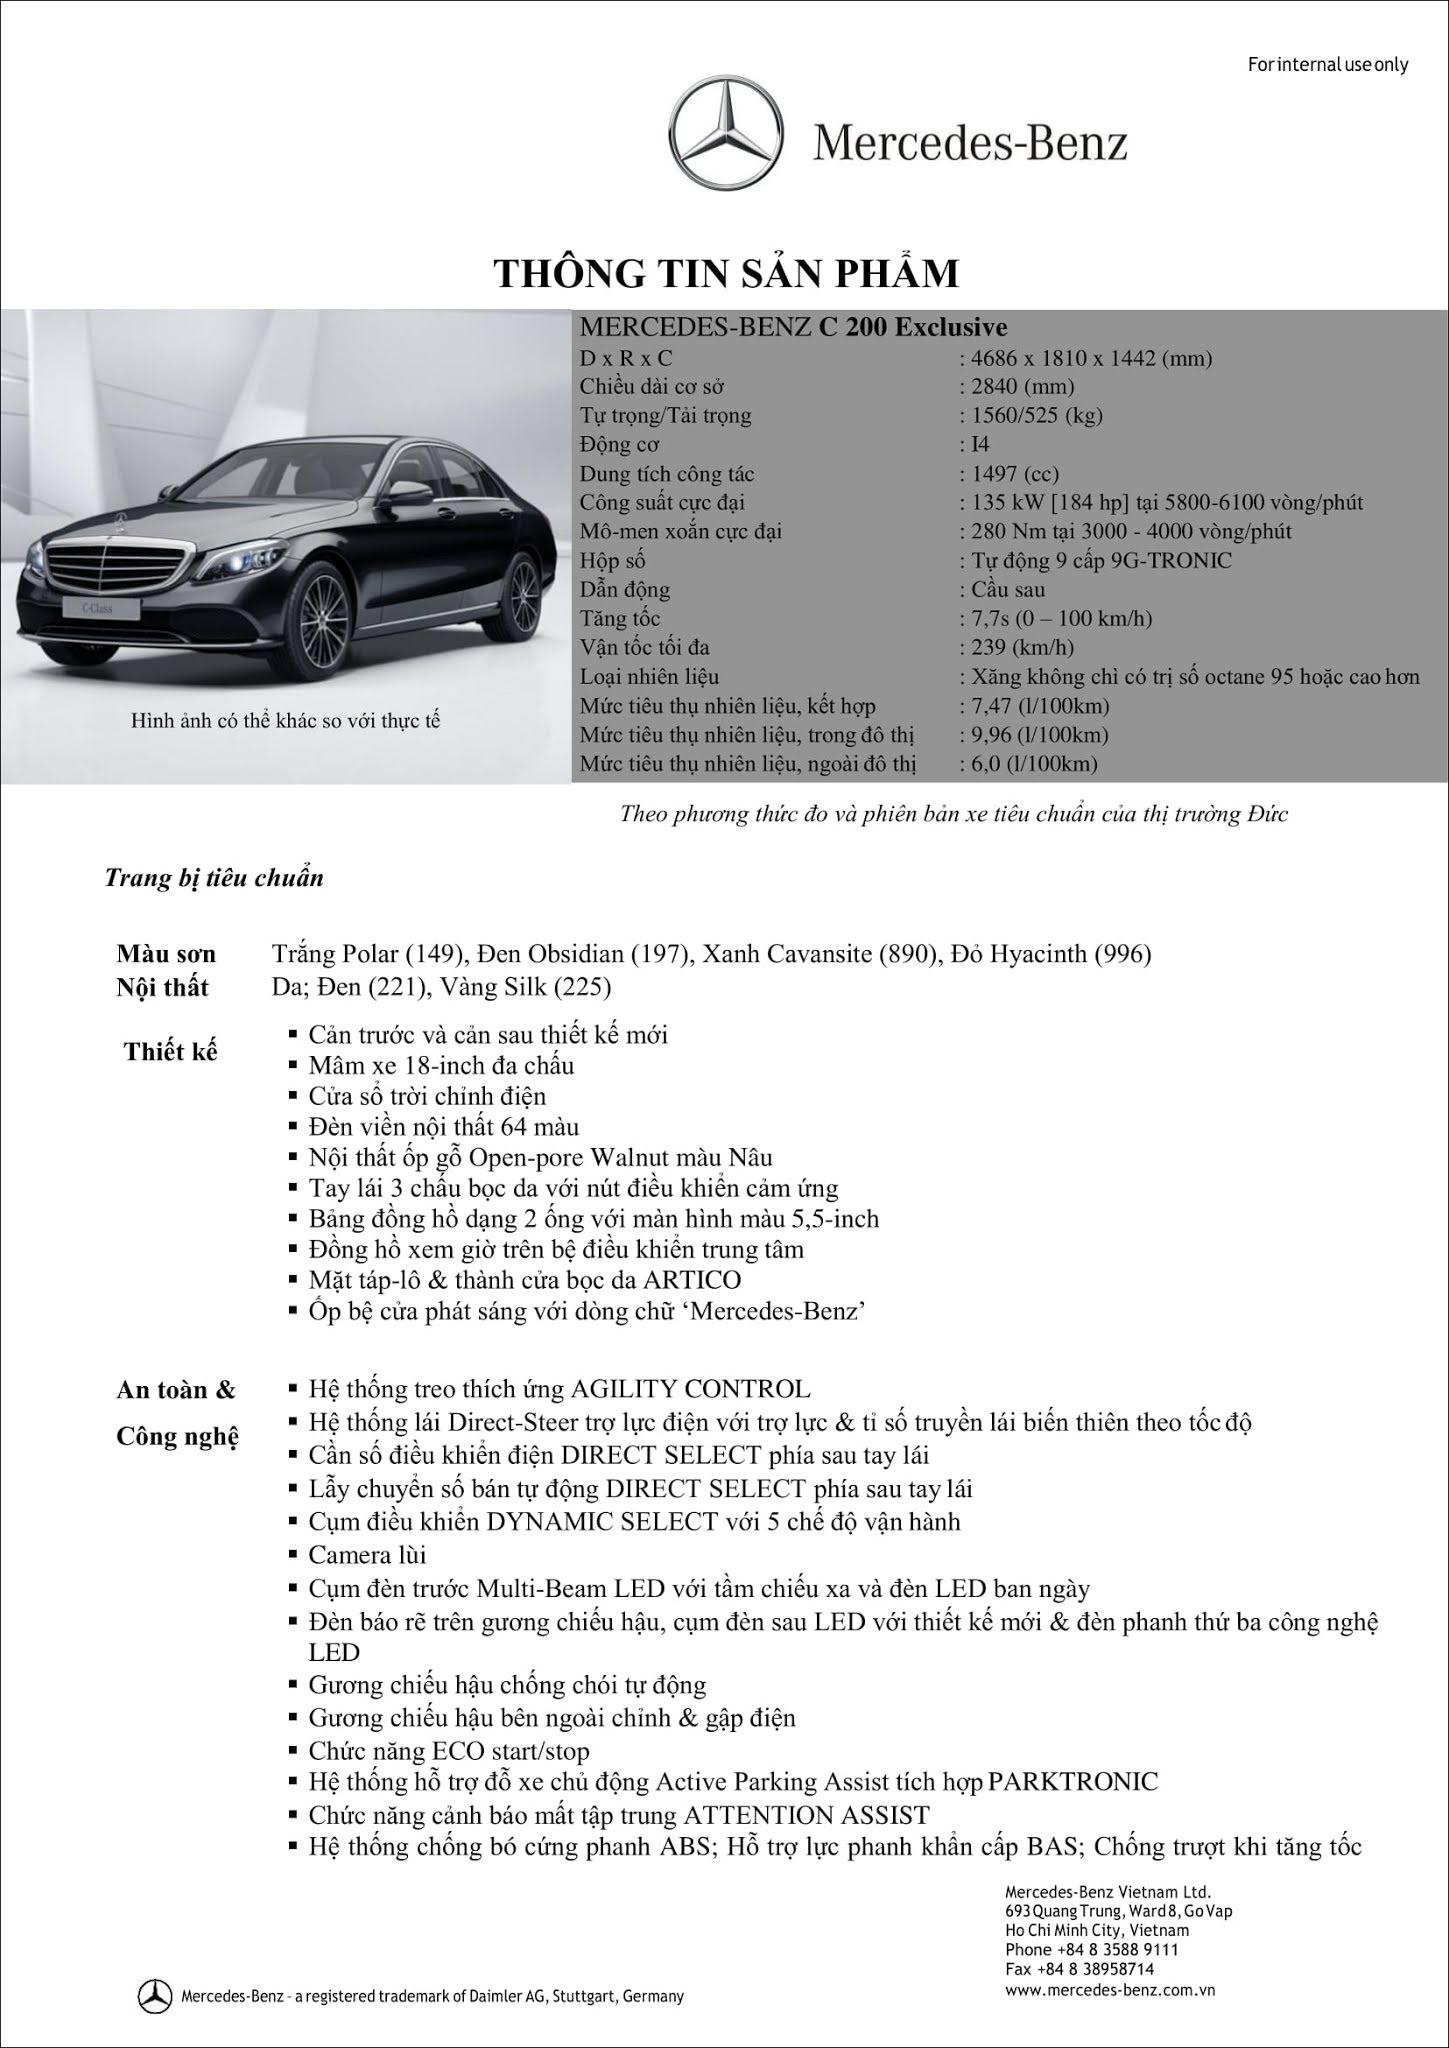 Bảng thông số kỹ thuật Mercedes C200 Exclusive 2019